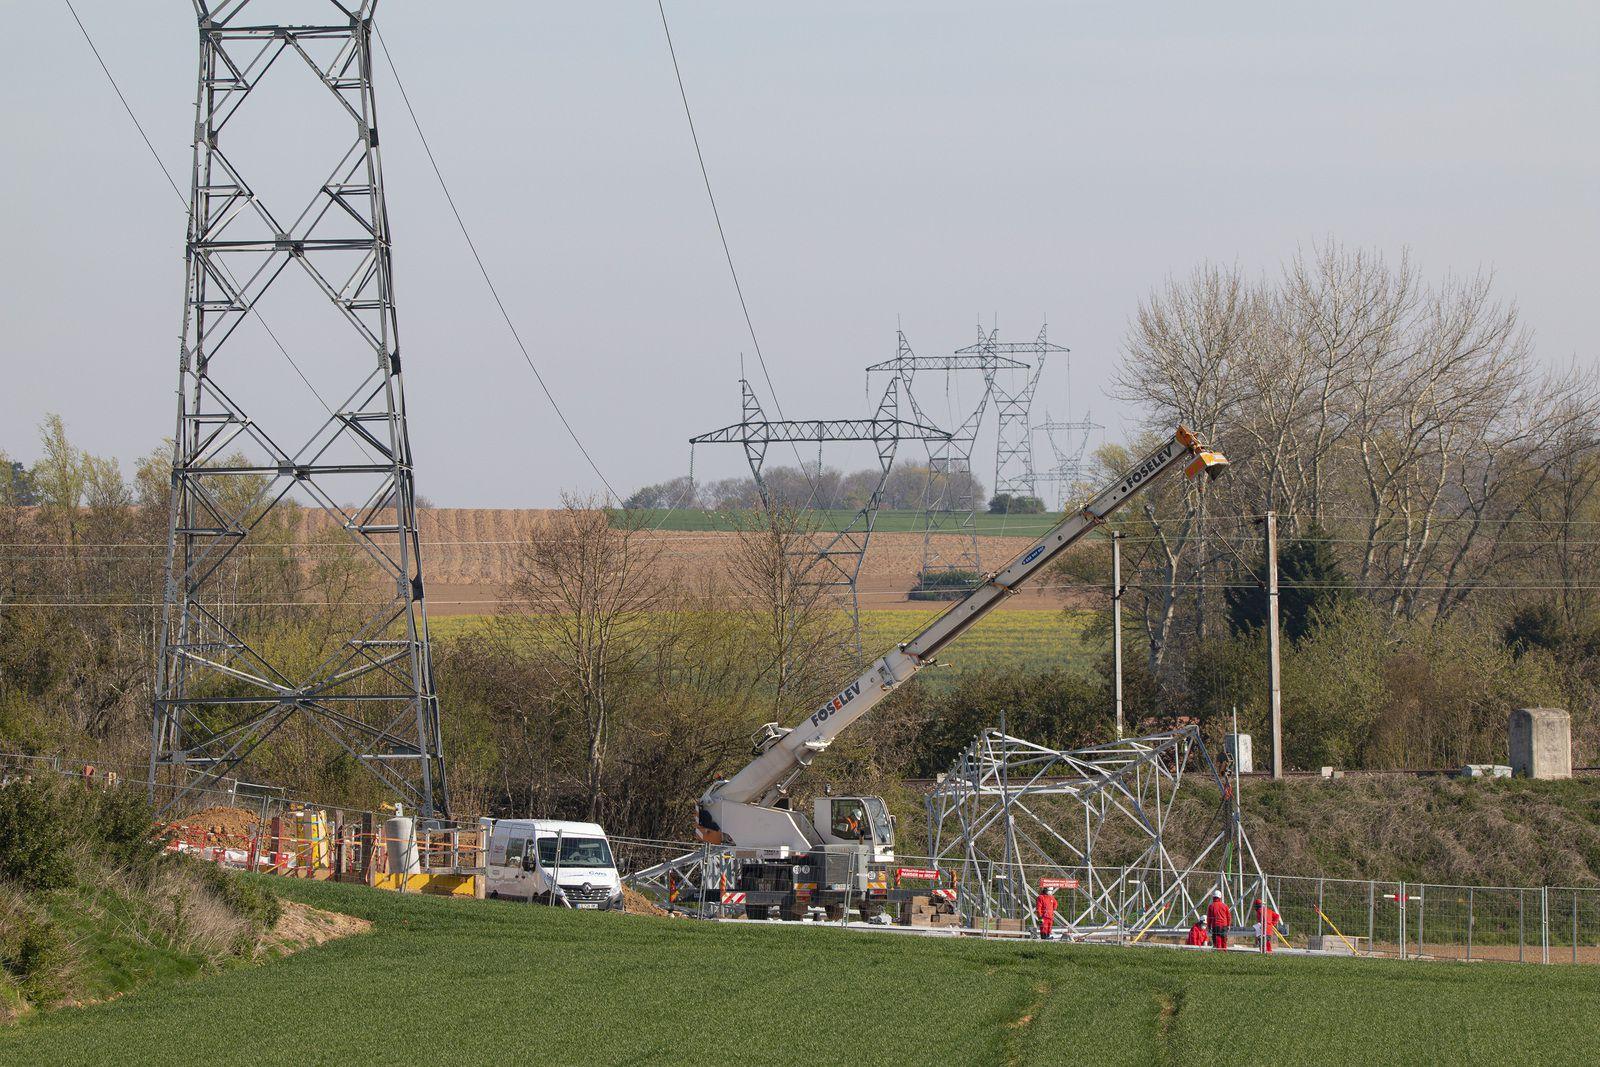 Chantier EDF: le mécano géant prend forme peu à peu.